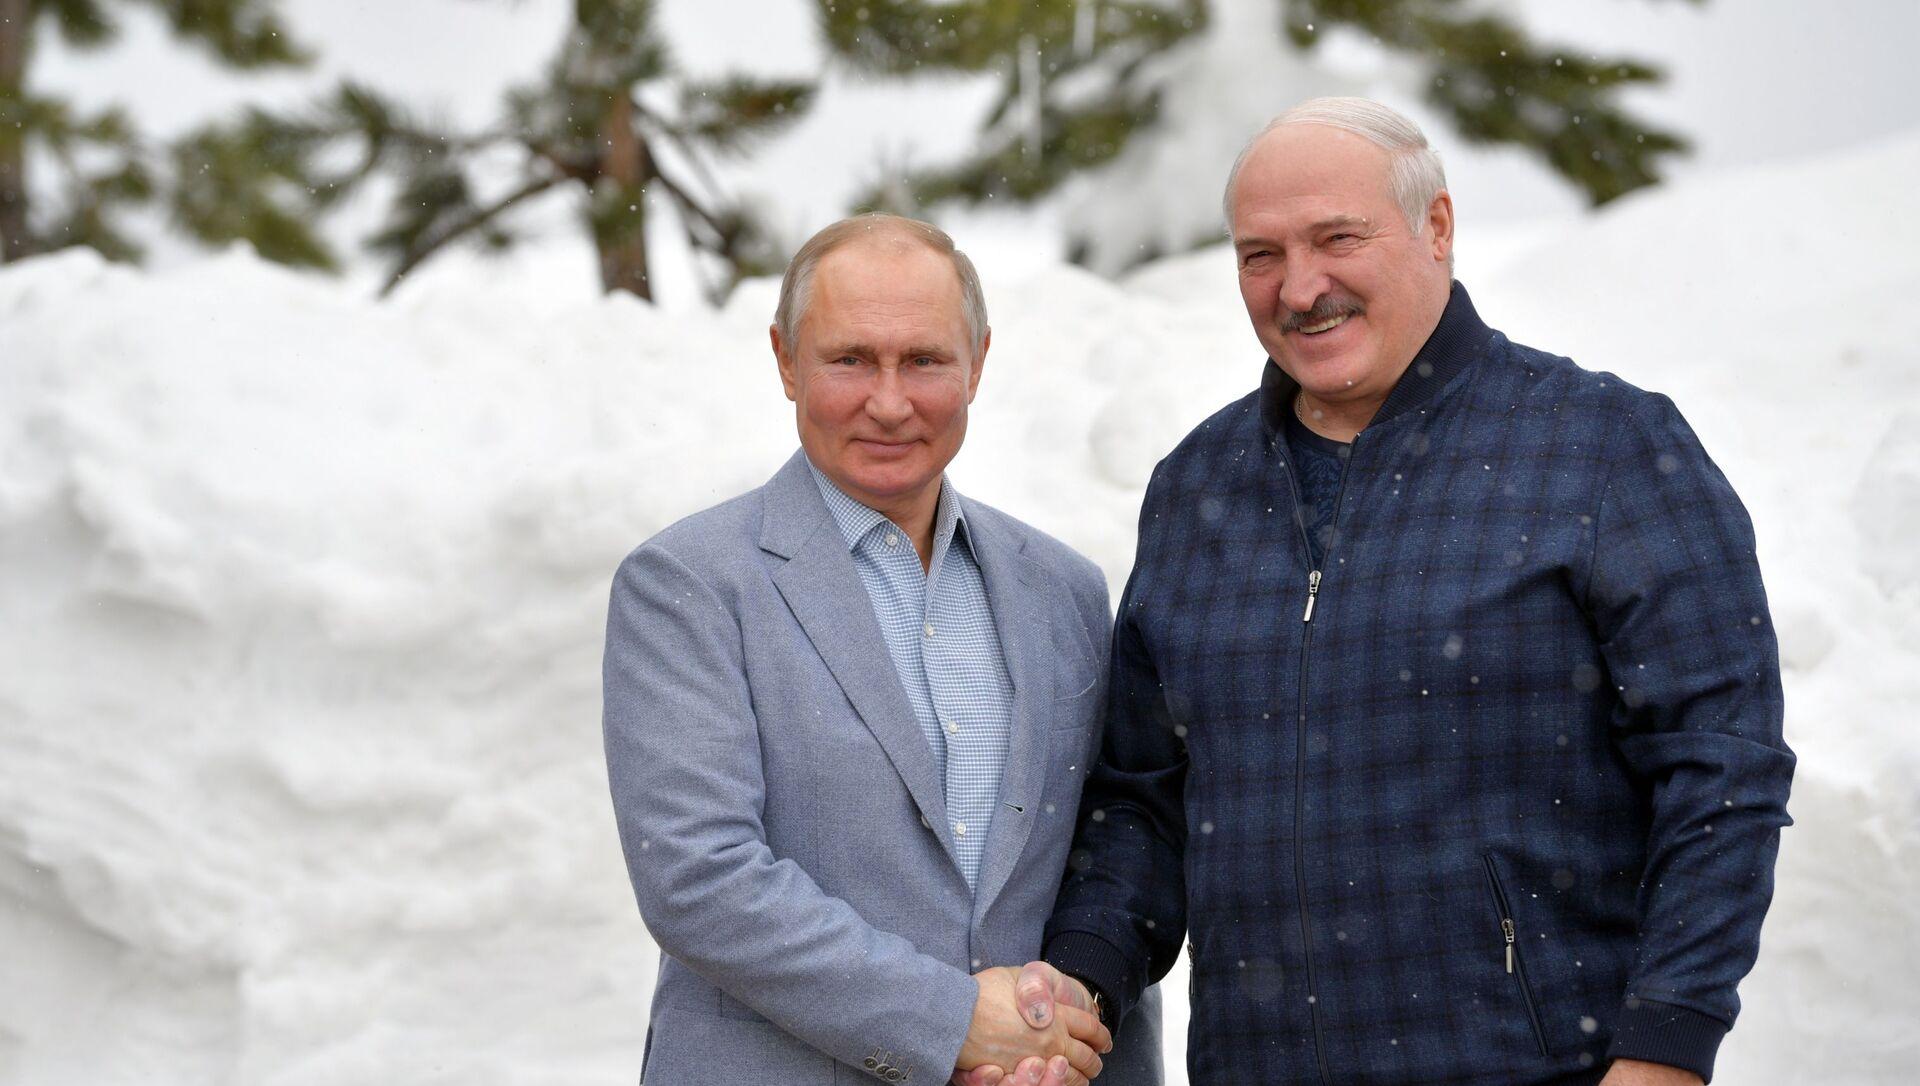 Президент РФ В. Путин встретился с президентом Беларуси А. Лукашенко - Sputnik Беларусь, 1920, 22.02.2021